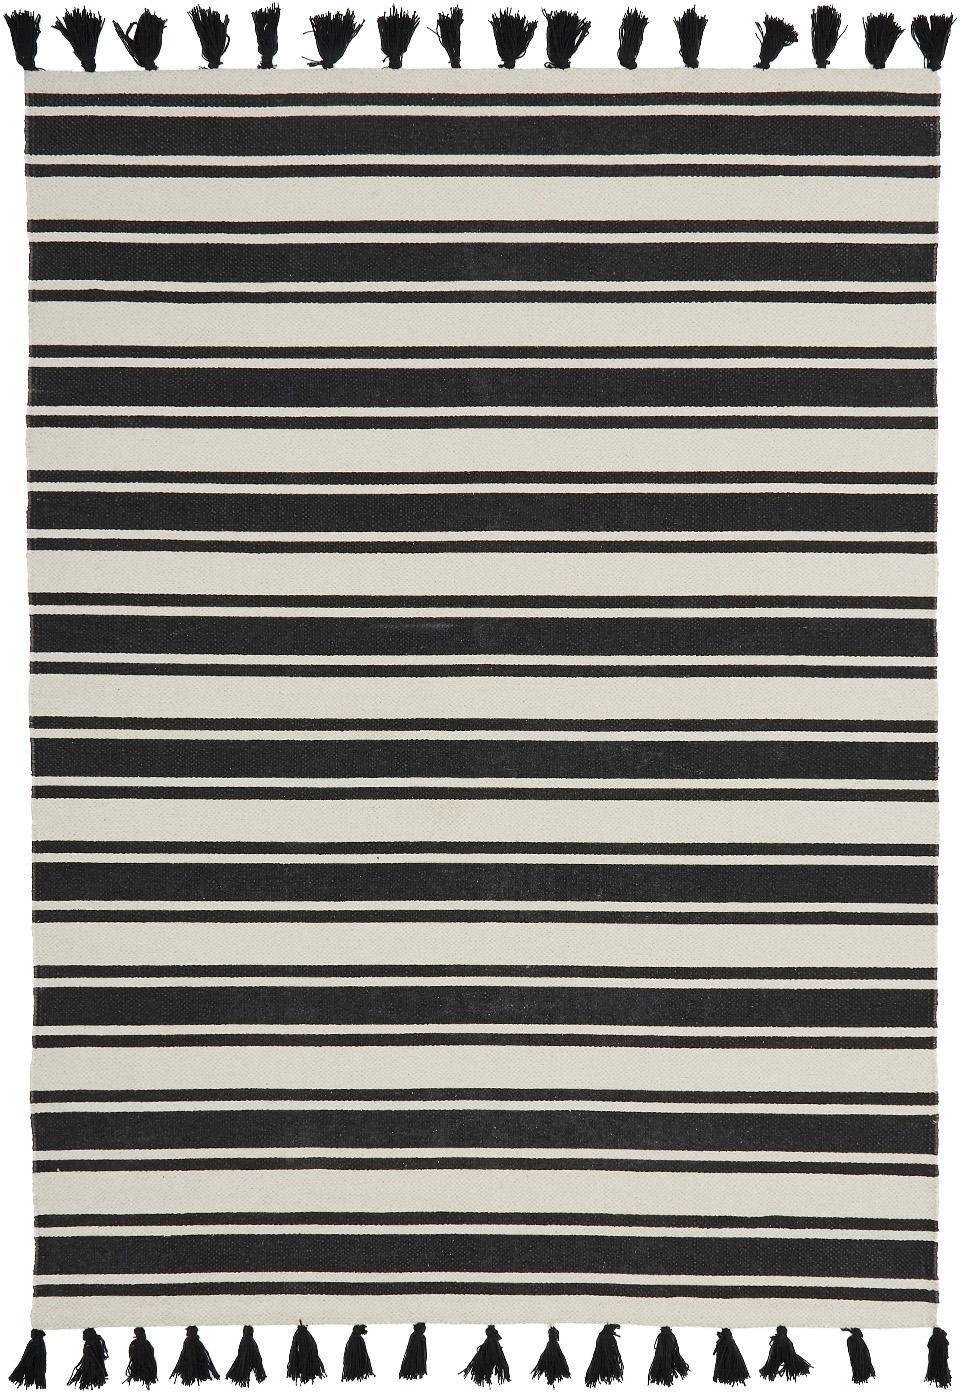 Alfombra artesanal de algodón Vigga, Negro, beige, An 120 x L 180  cm(Tamaño S)